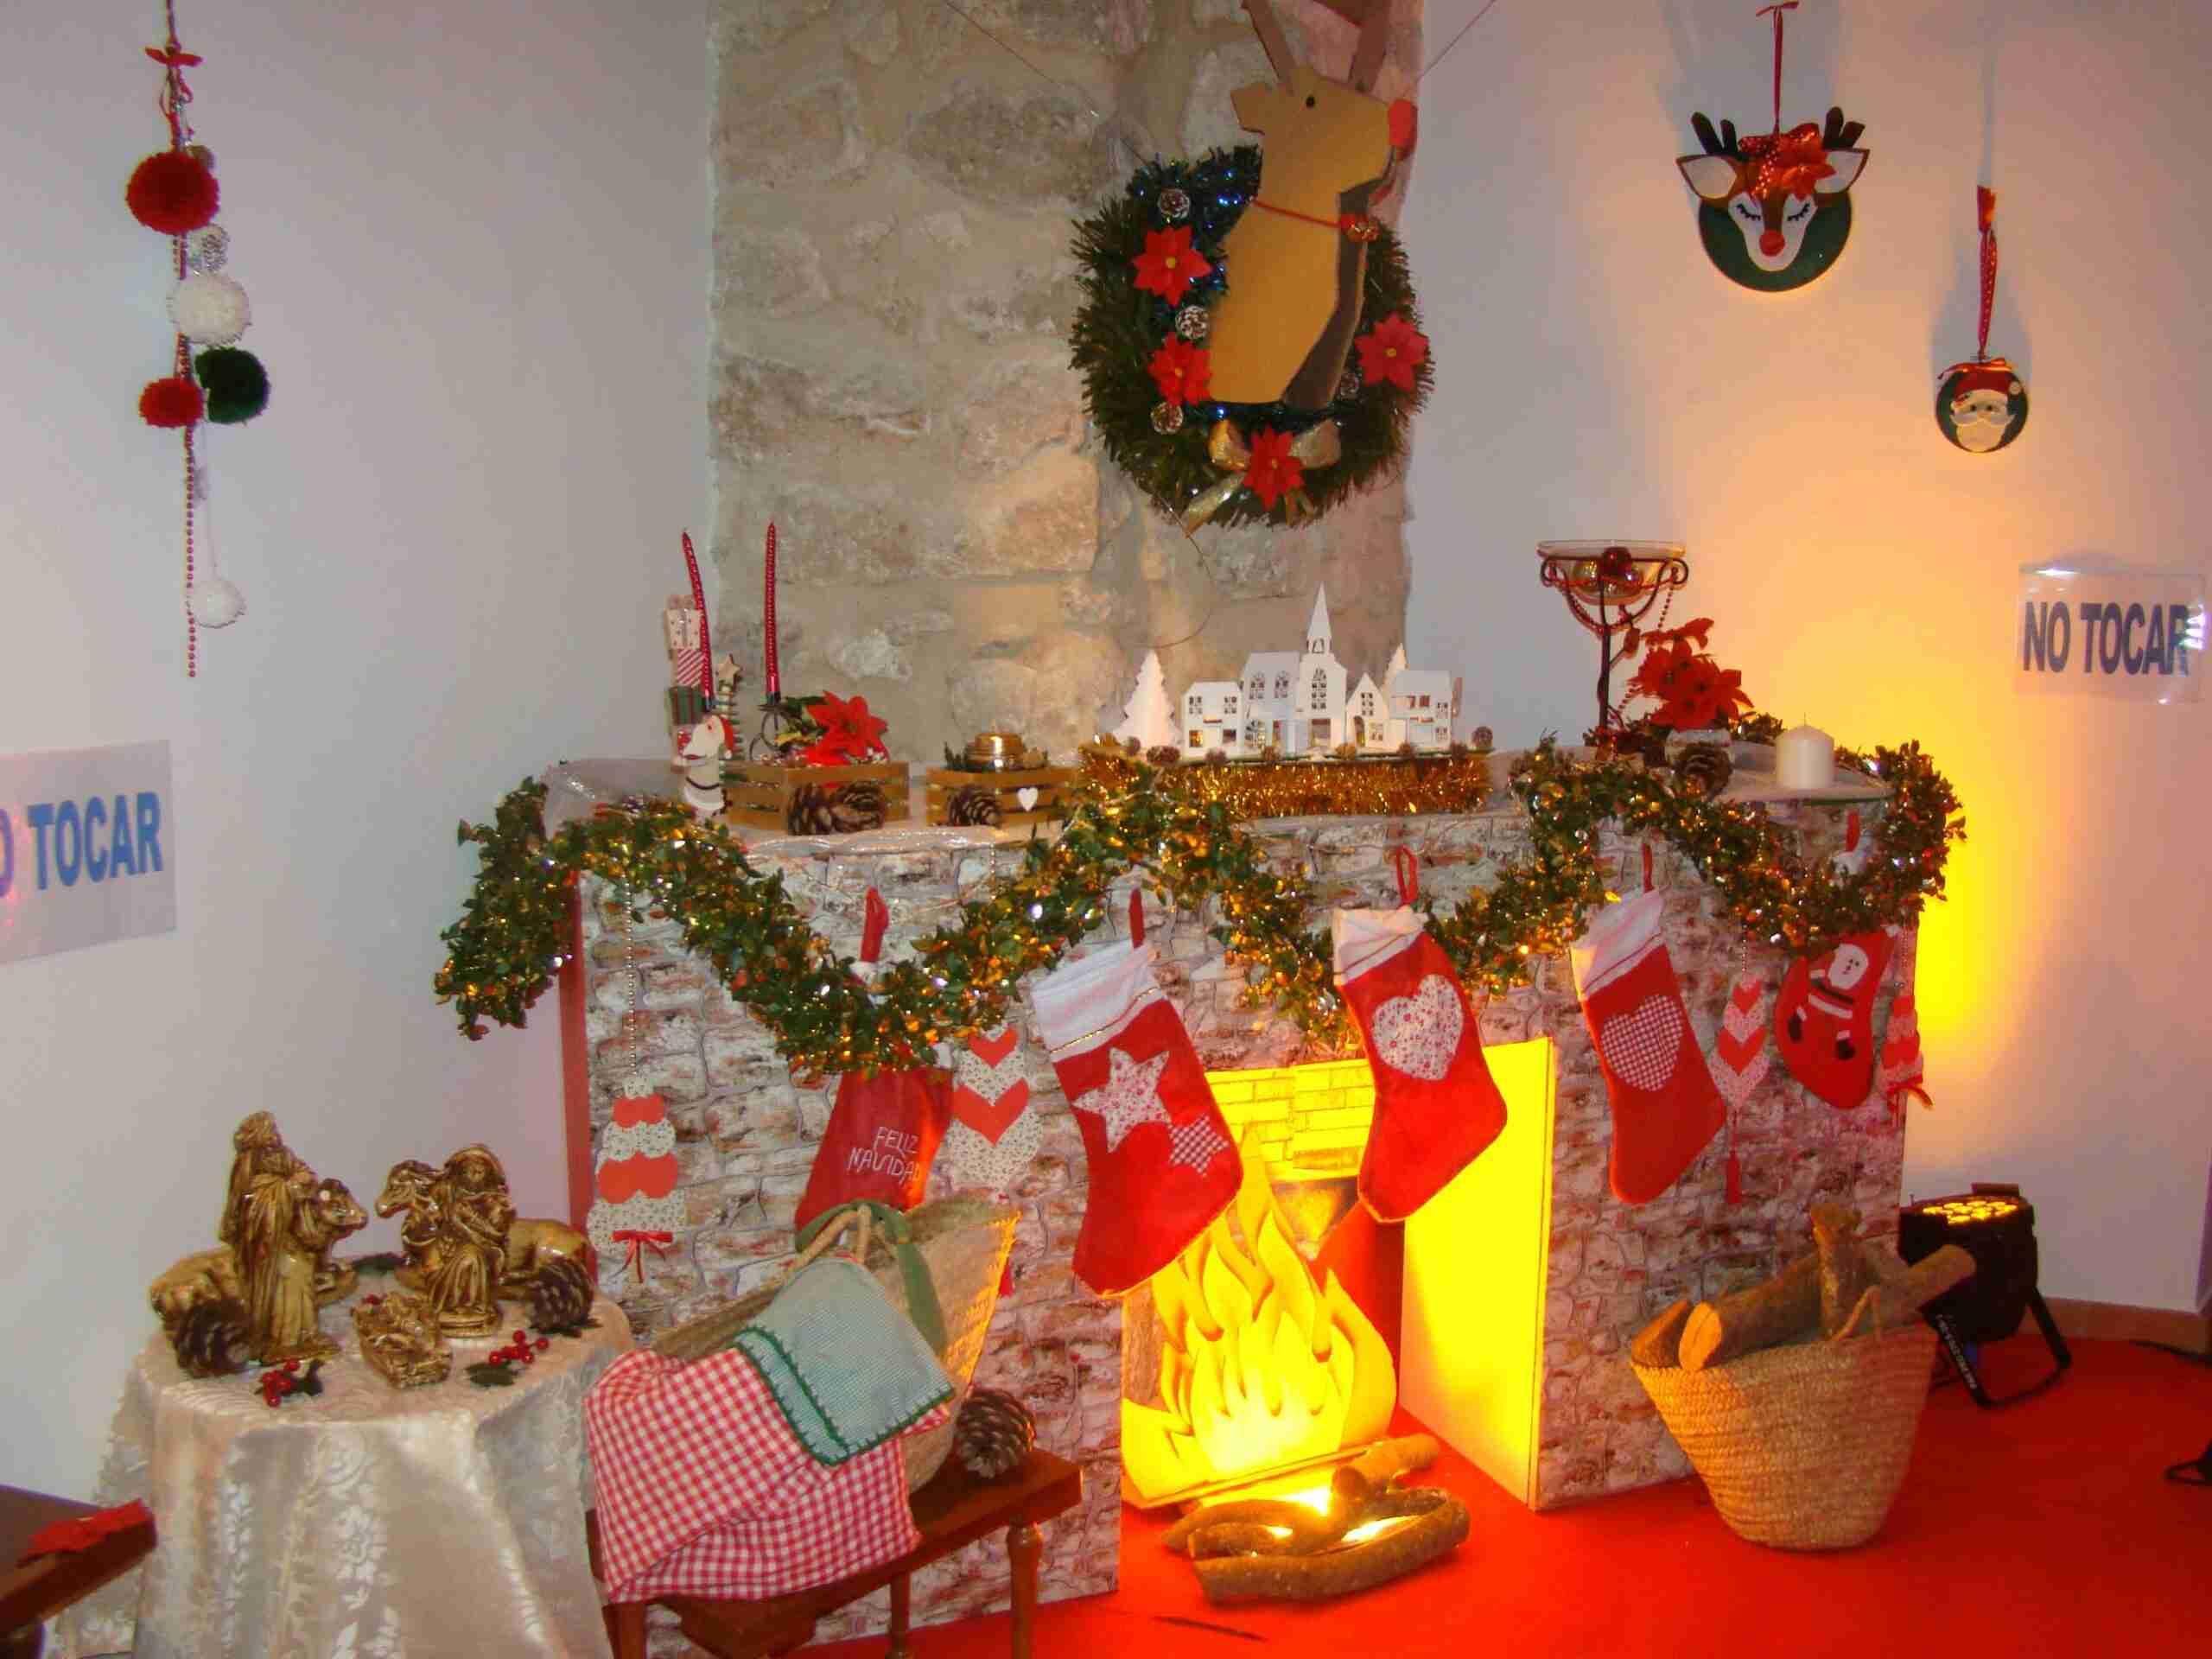 El espíritu navideño resurge en Quintanar con el inicio de una Navidad muy especial 12